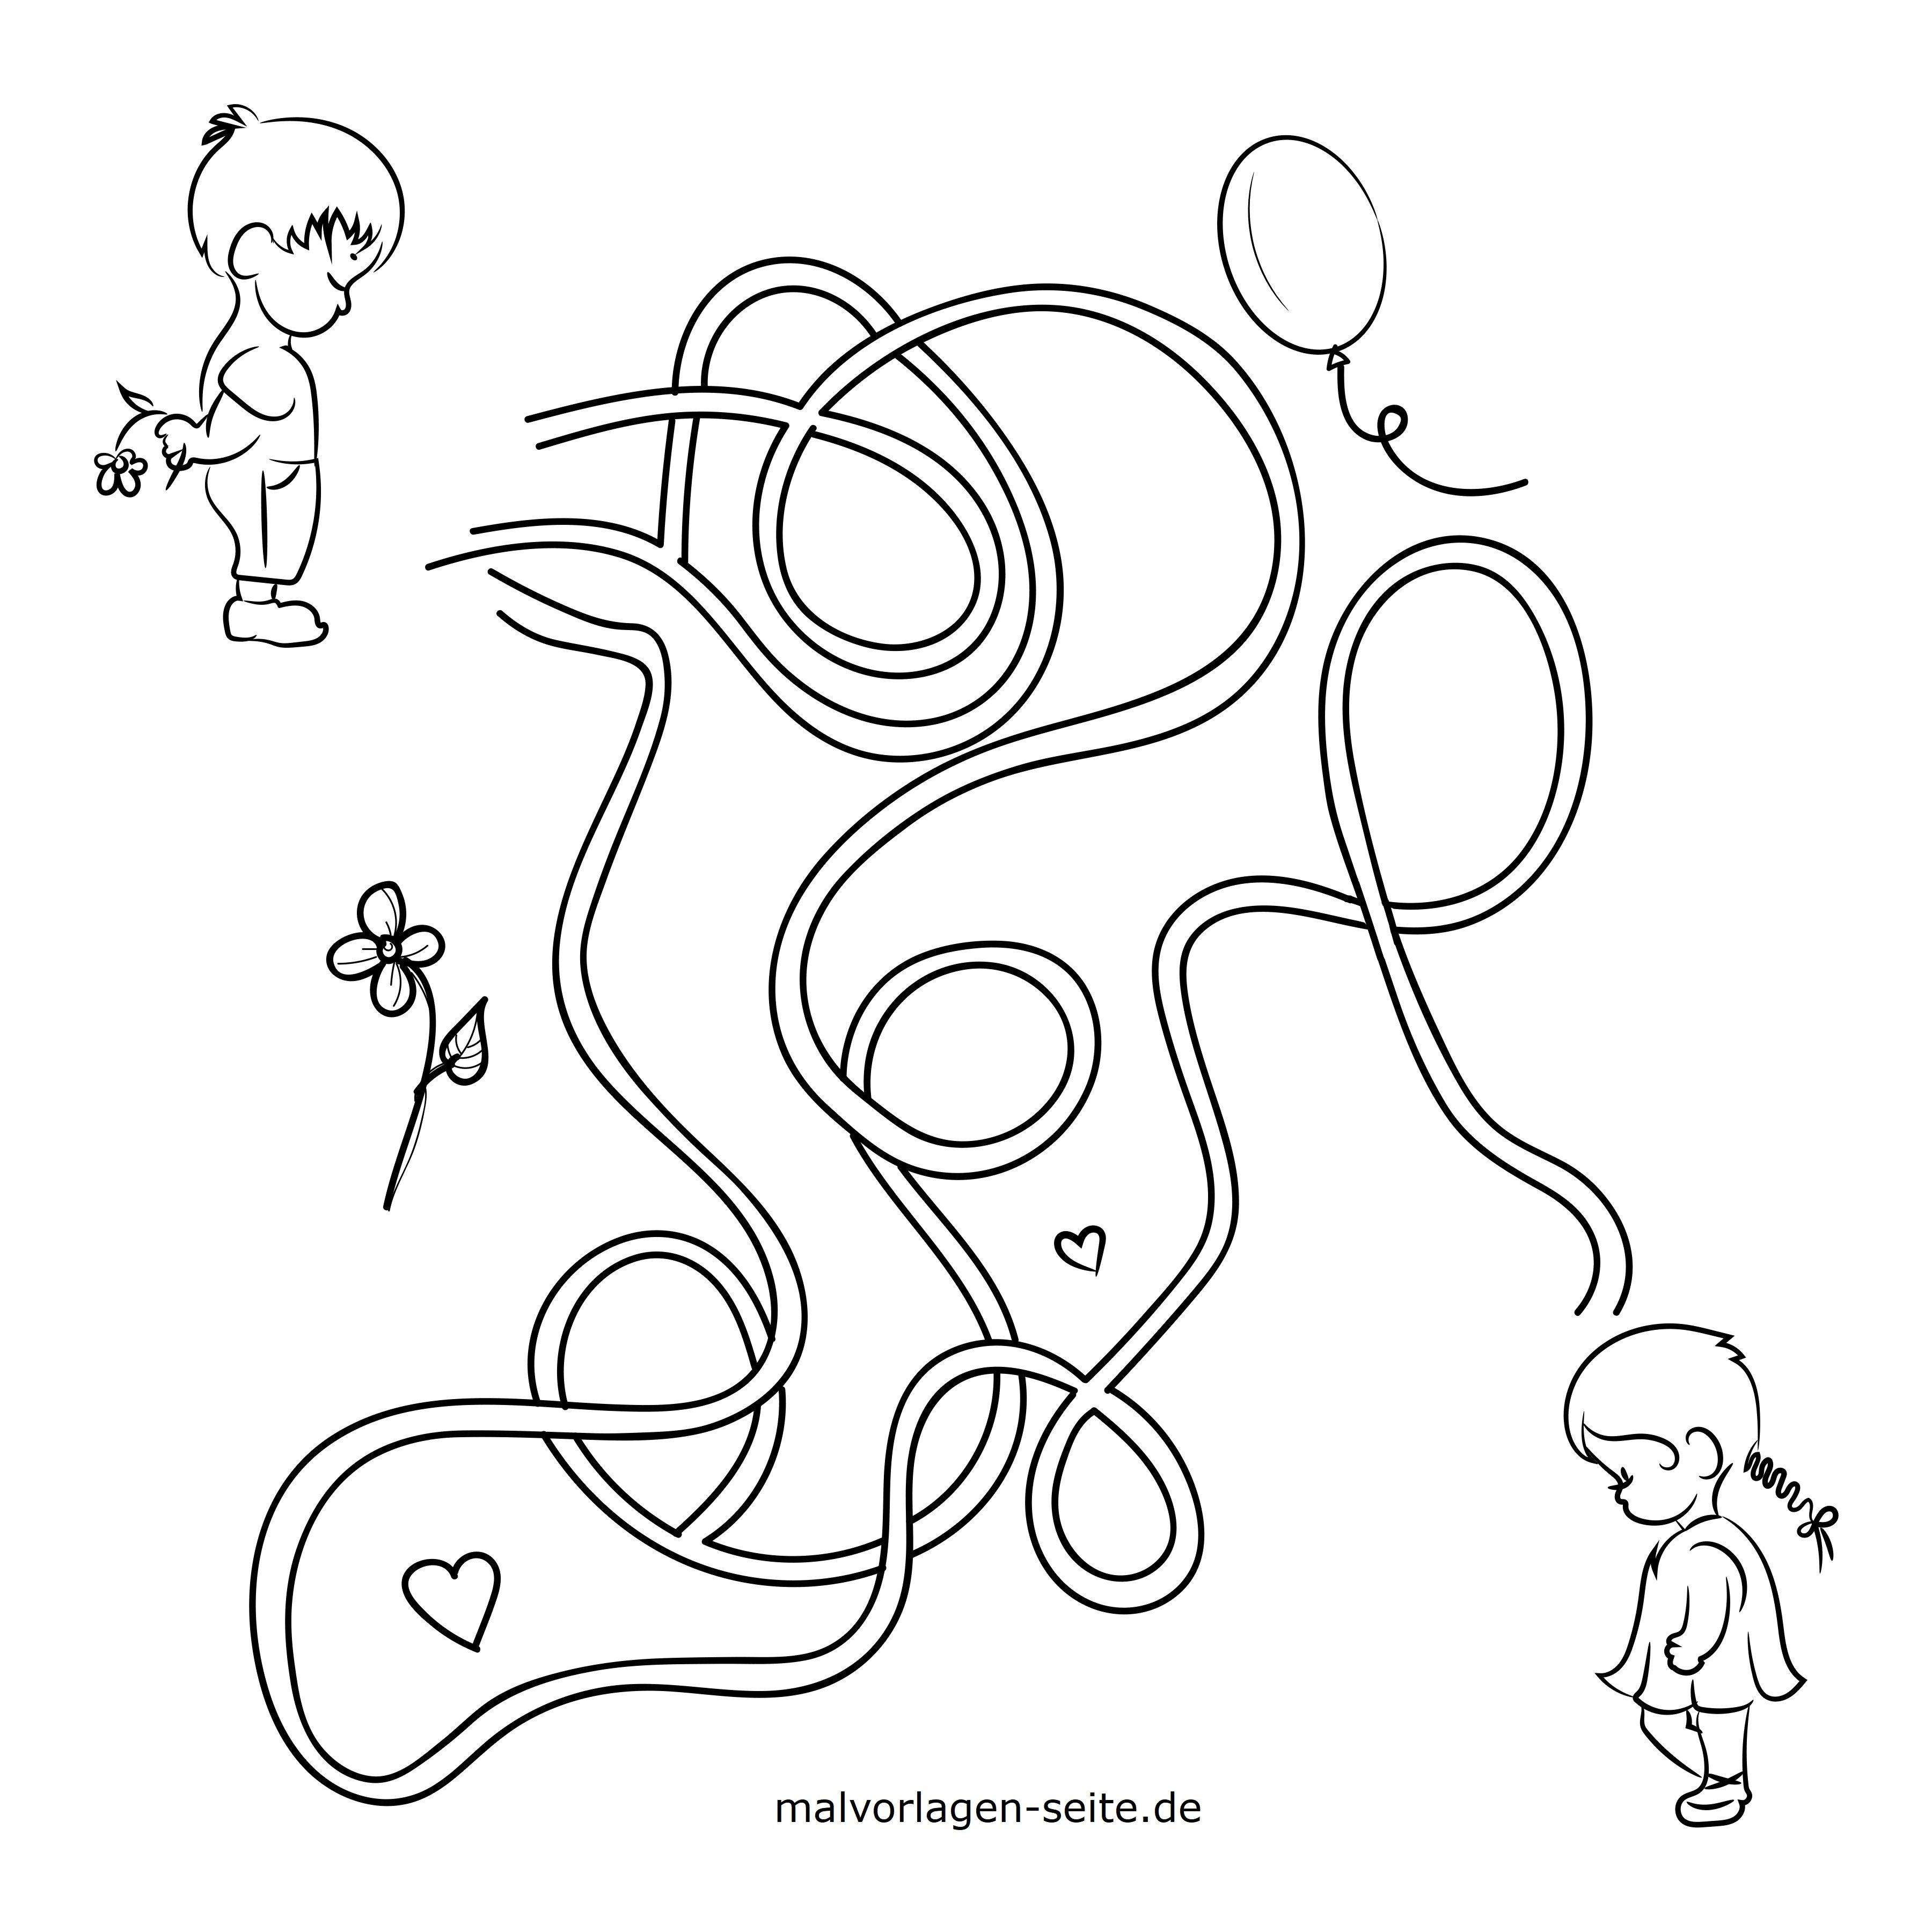 Bruder Spielzeug Malvorlagen  Coloring and Malvorlagan